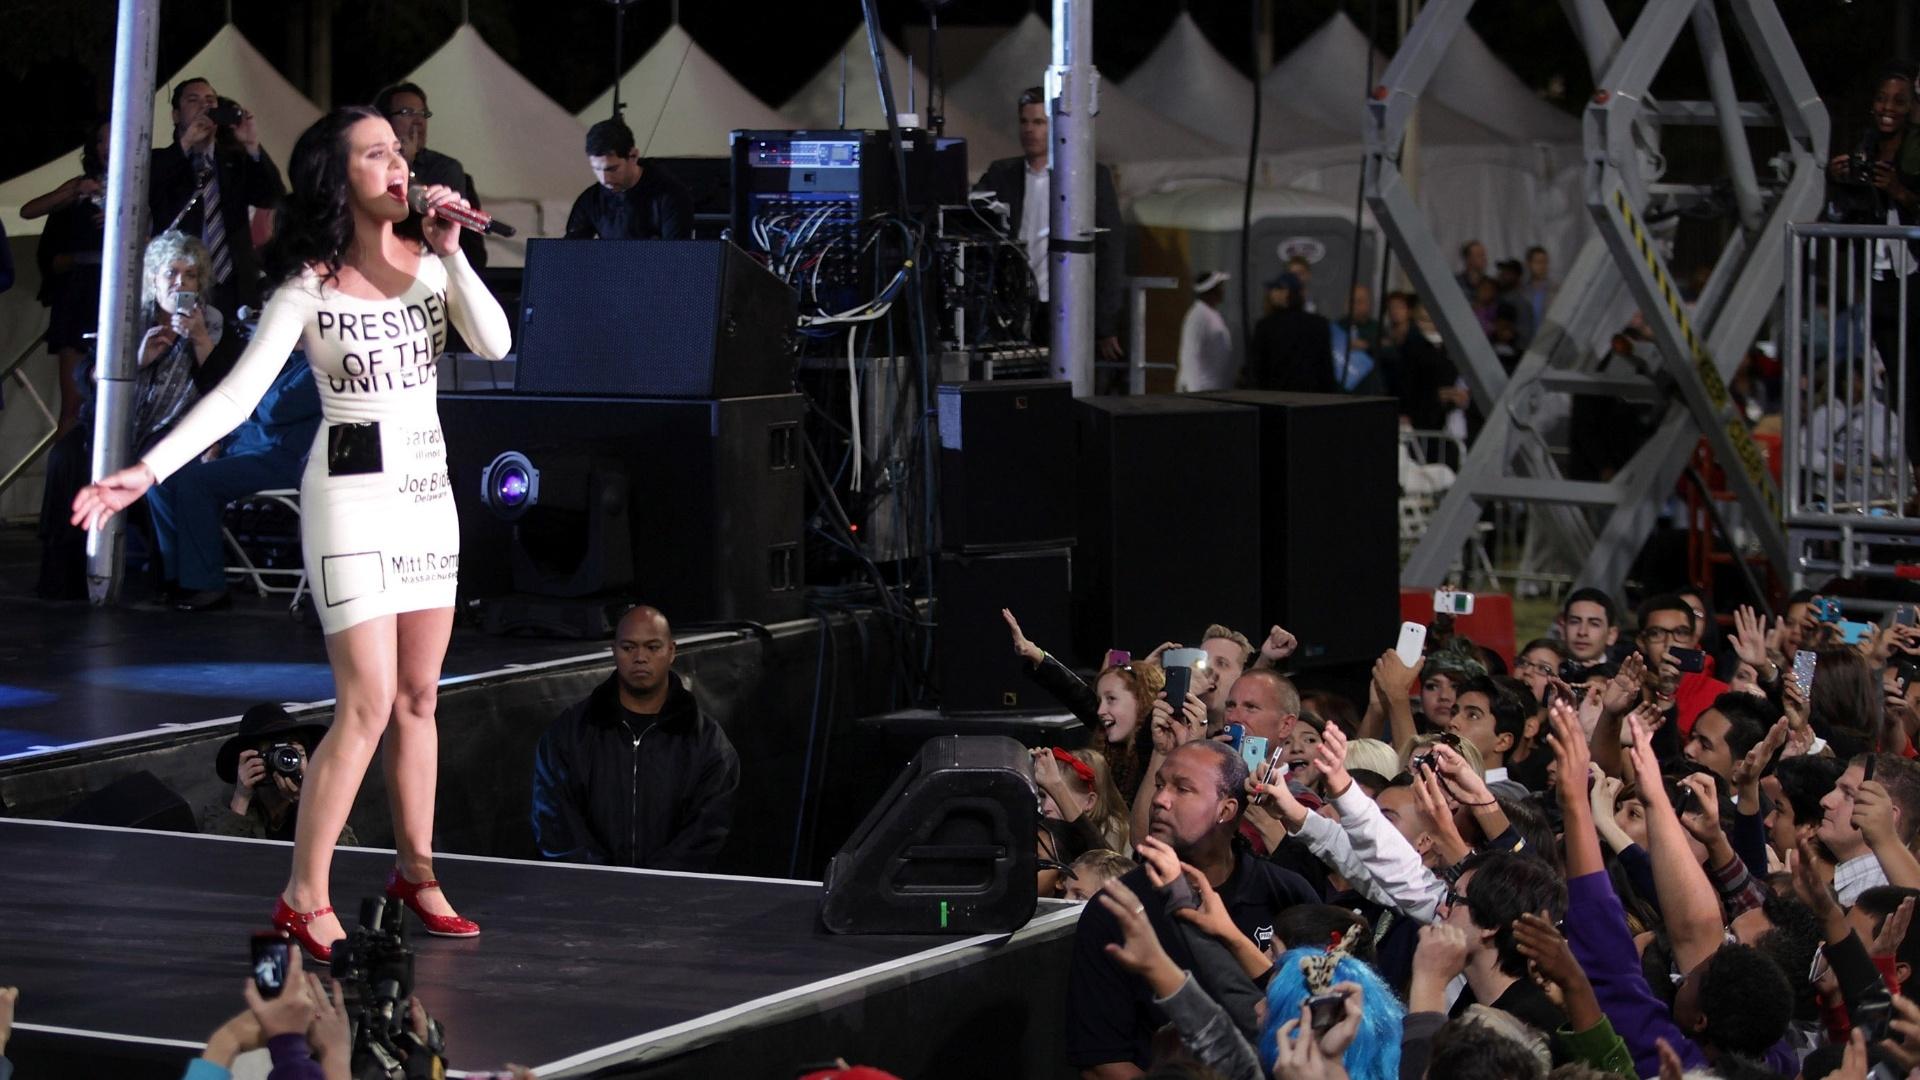 Com vestido que reproduz uma cédula de votação, Katy Perry se apresentou em evento da campanha de Barack Obama em Las Vegas (24/10/2012)